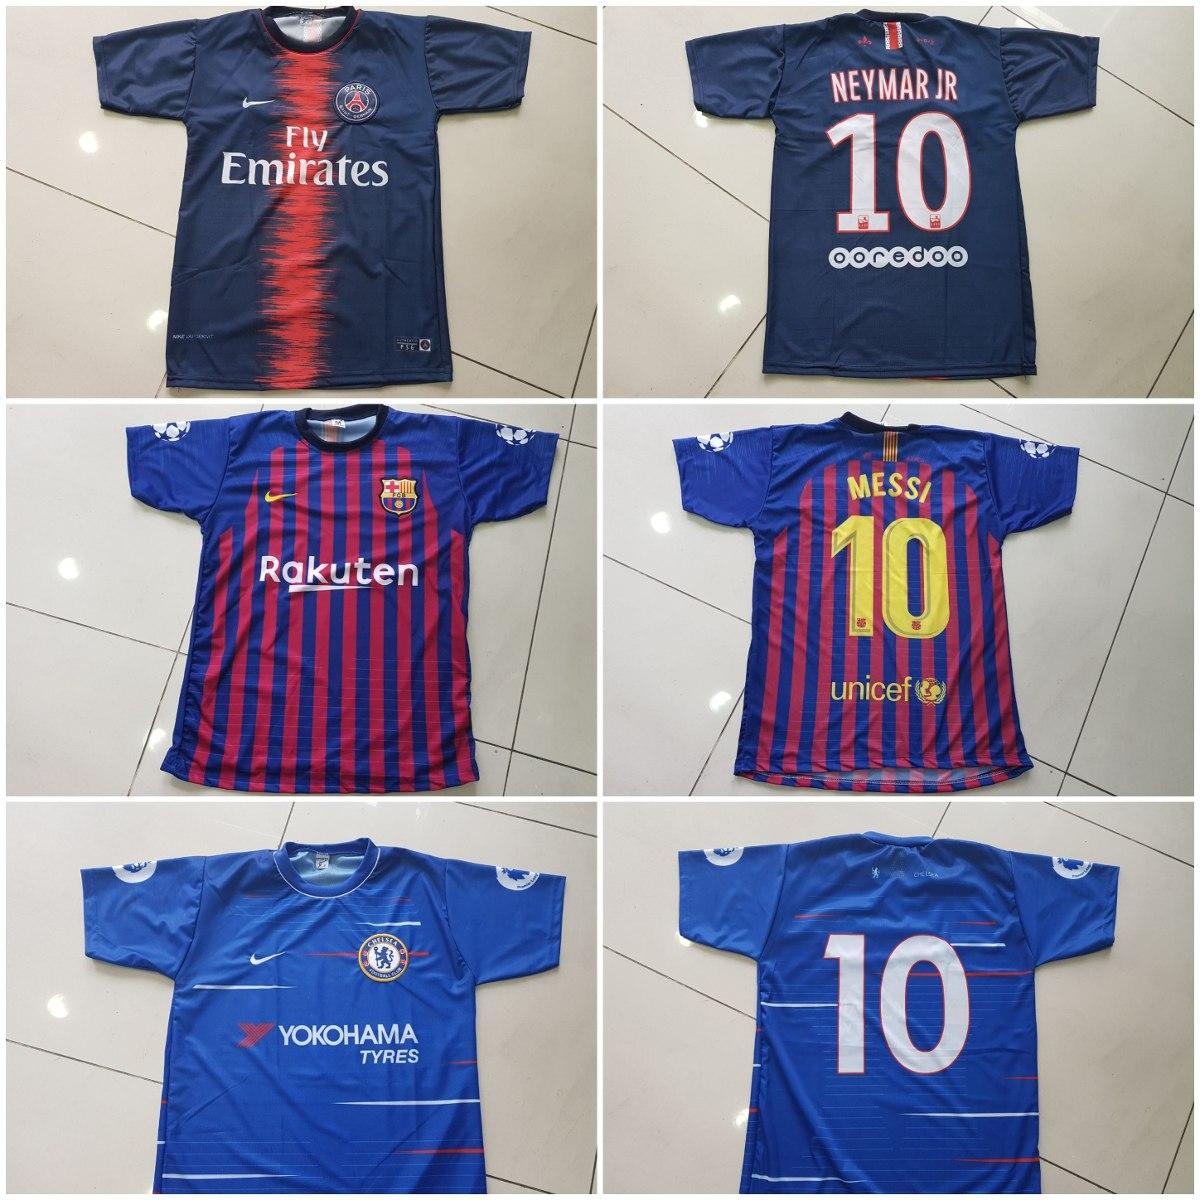 10 camisetas time de futebol - nacionais   europeus. Carregando zoom. 2278d0f23d7a9